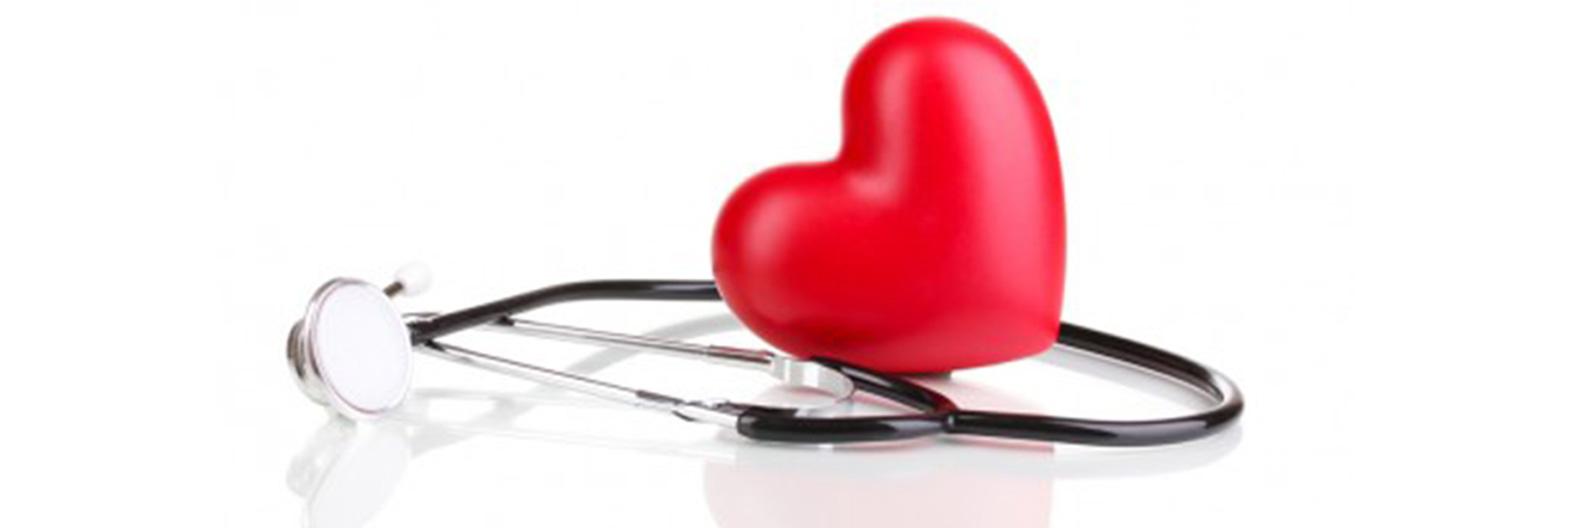 geriausios dietos širdies sveikatai